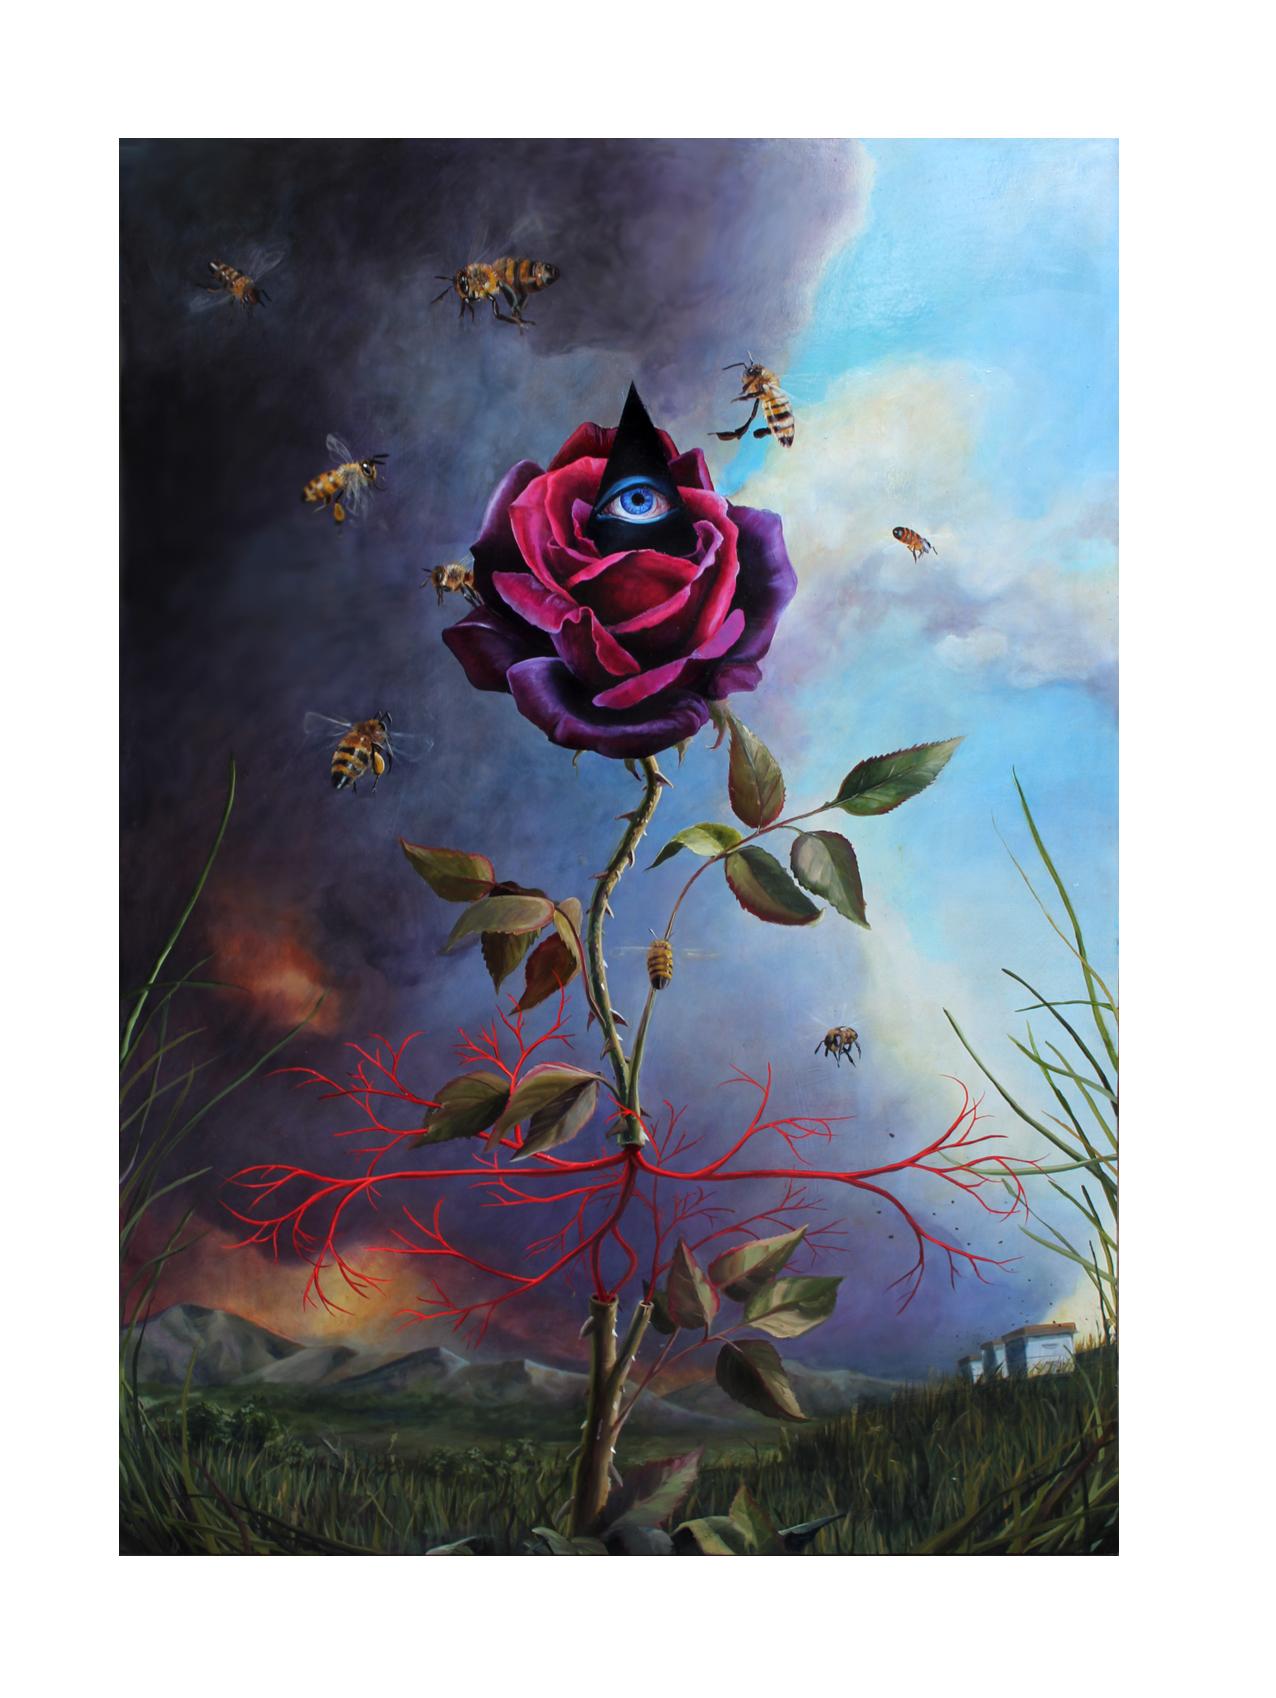 Scott.Dat Rosa Mel Apibus-The rose gives the bees honey.jpg